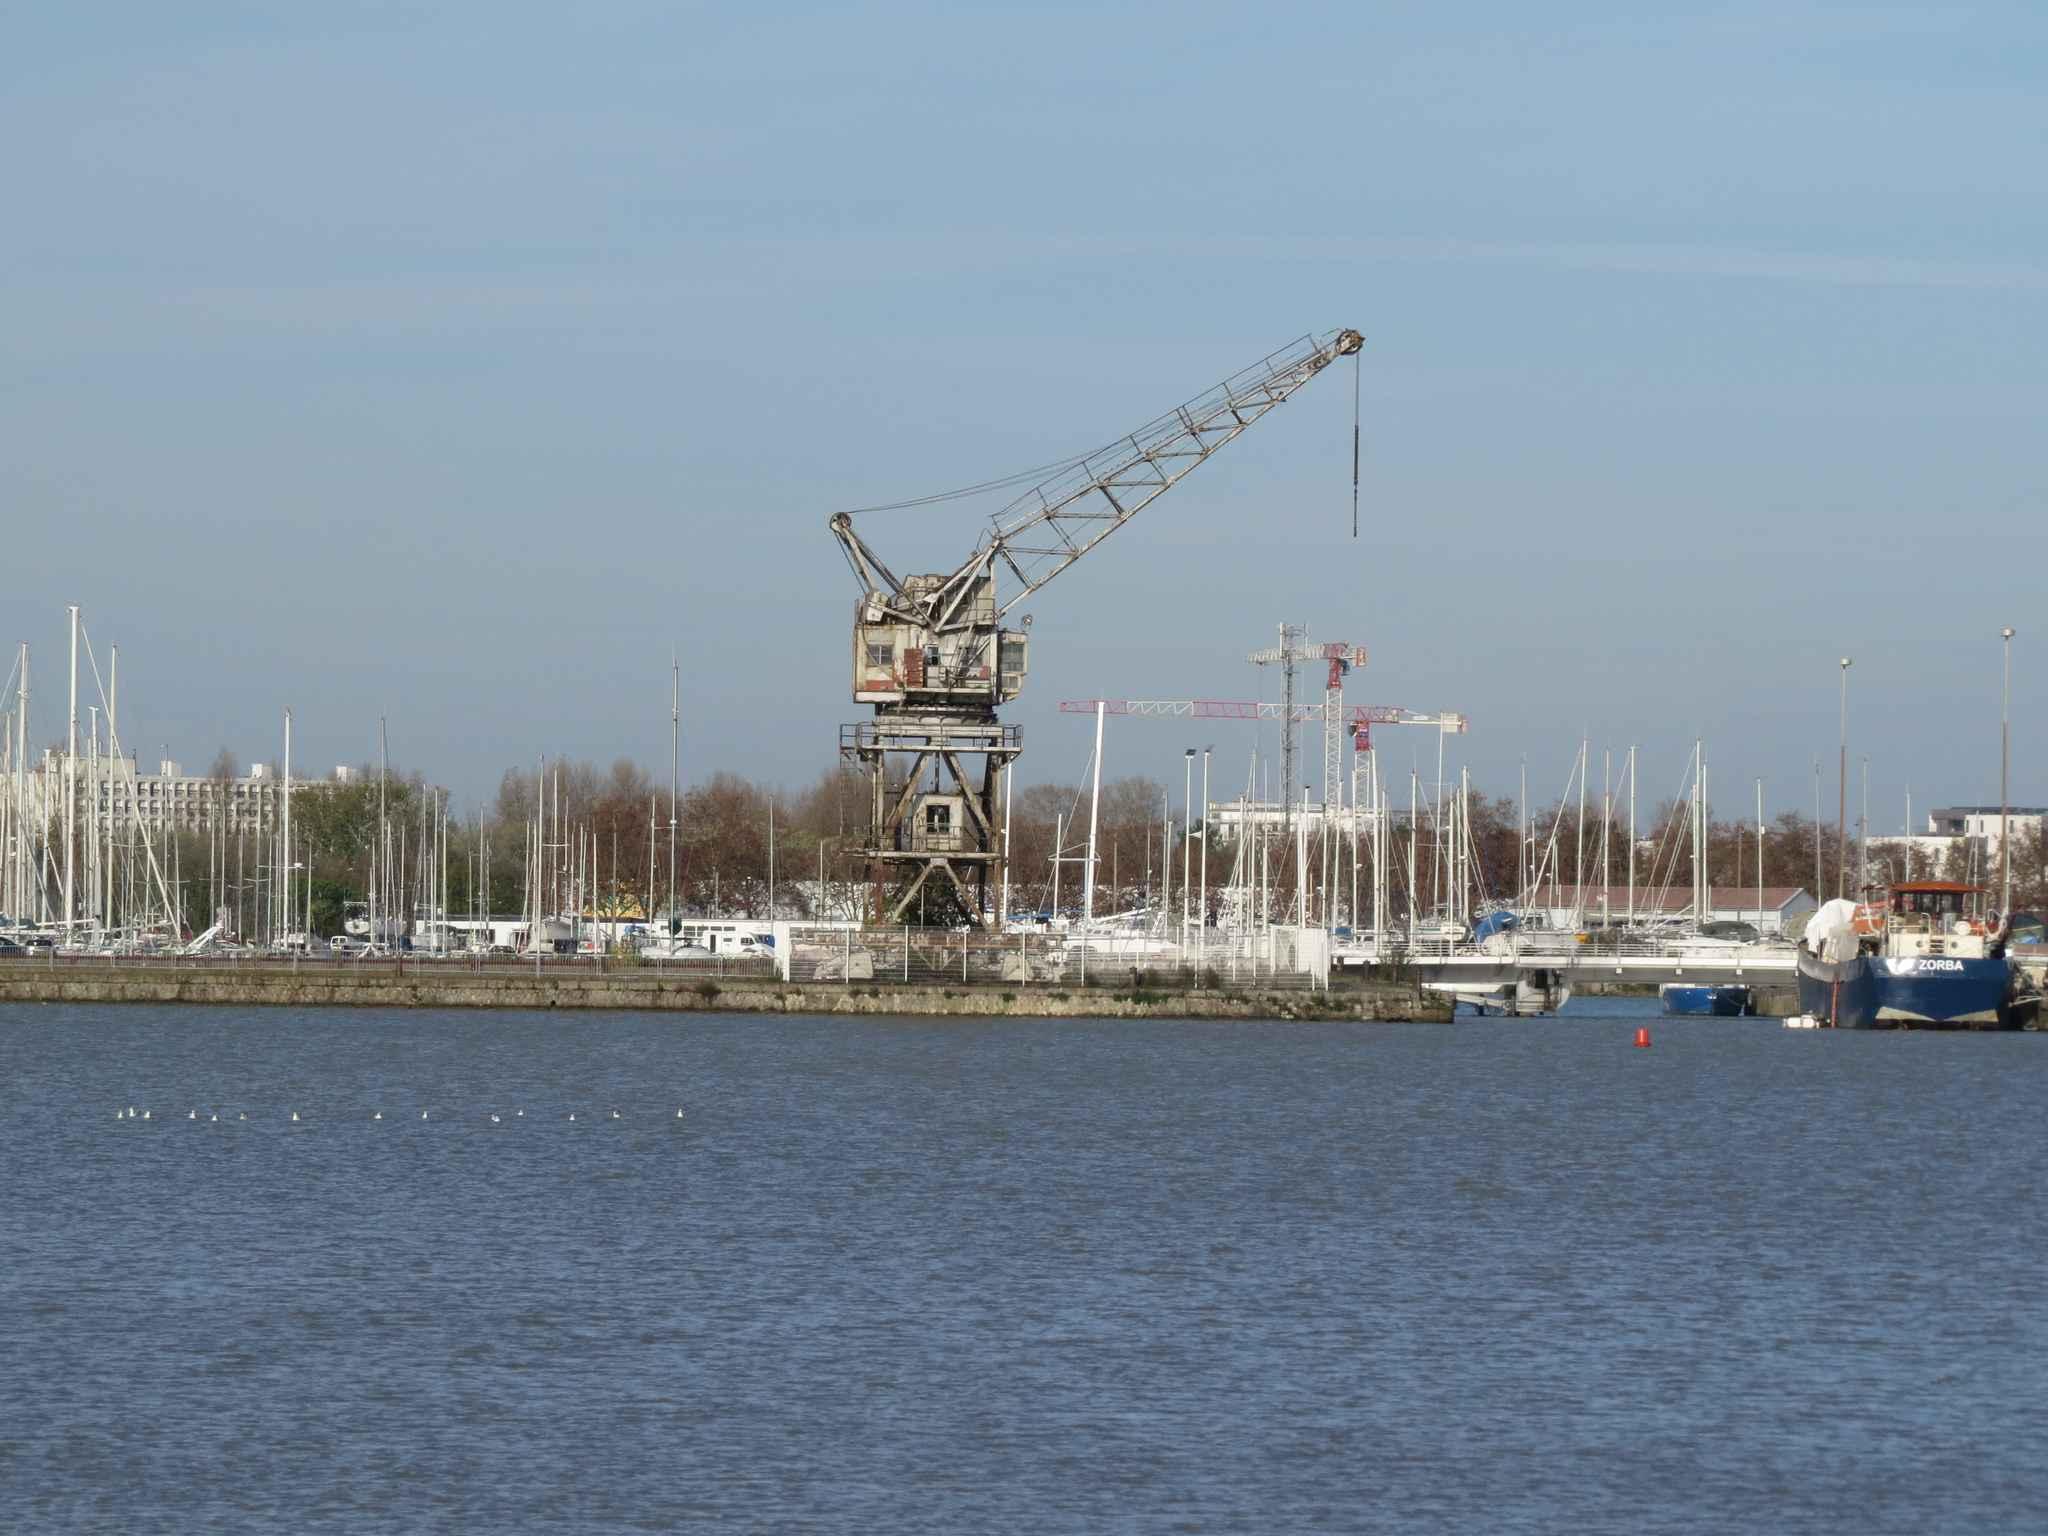 Bordeaux un march de no l alternatif aux bassins flot - Maison bassin a flot bordeaux perpignan ...